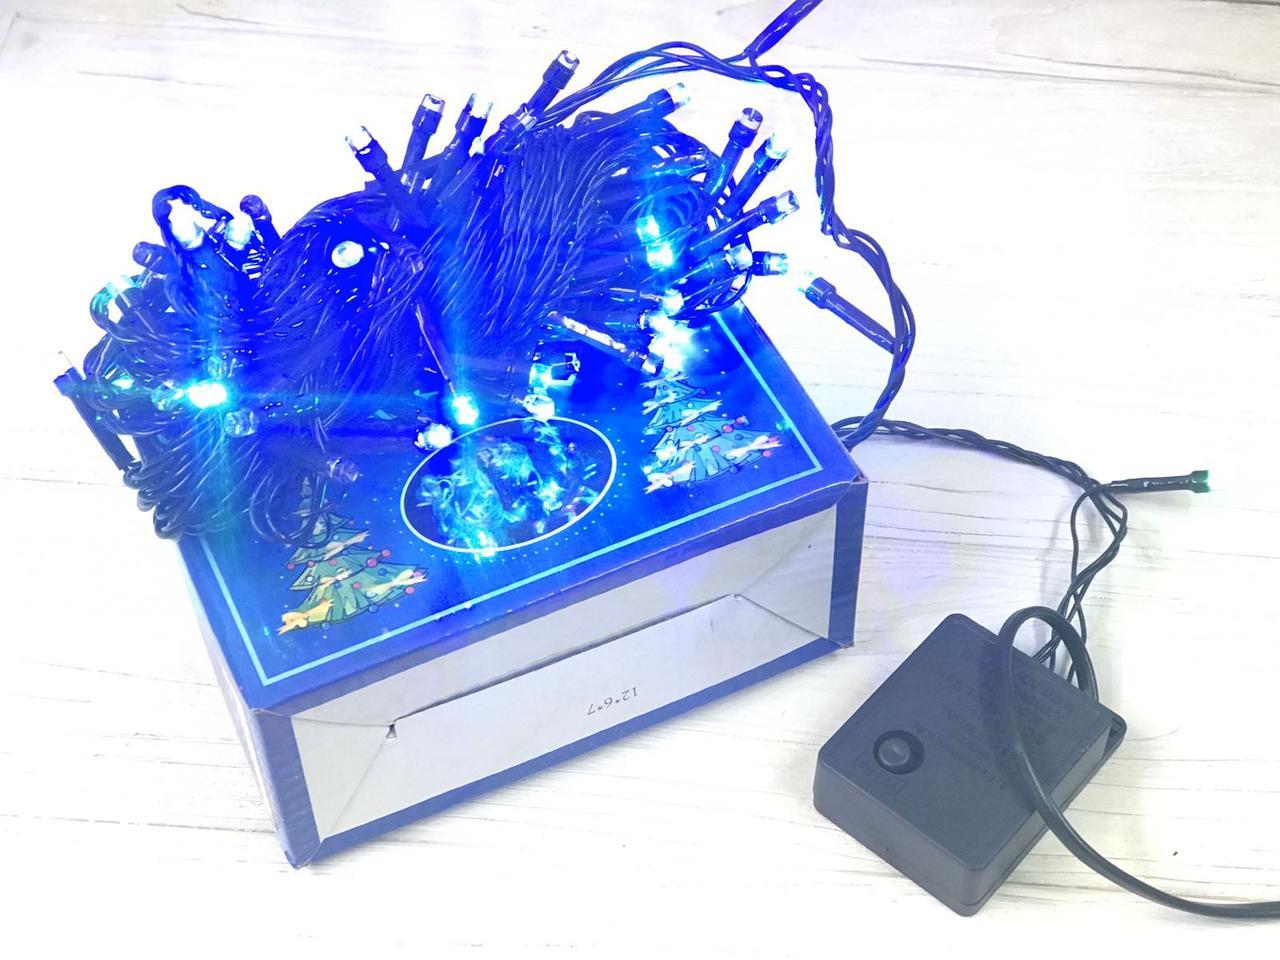 Гирлянда LED 5M 100 Ламп/Светит разными цветами с Пультом 8 Режимов/Высокое Качество/